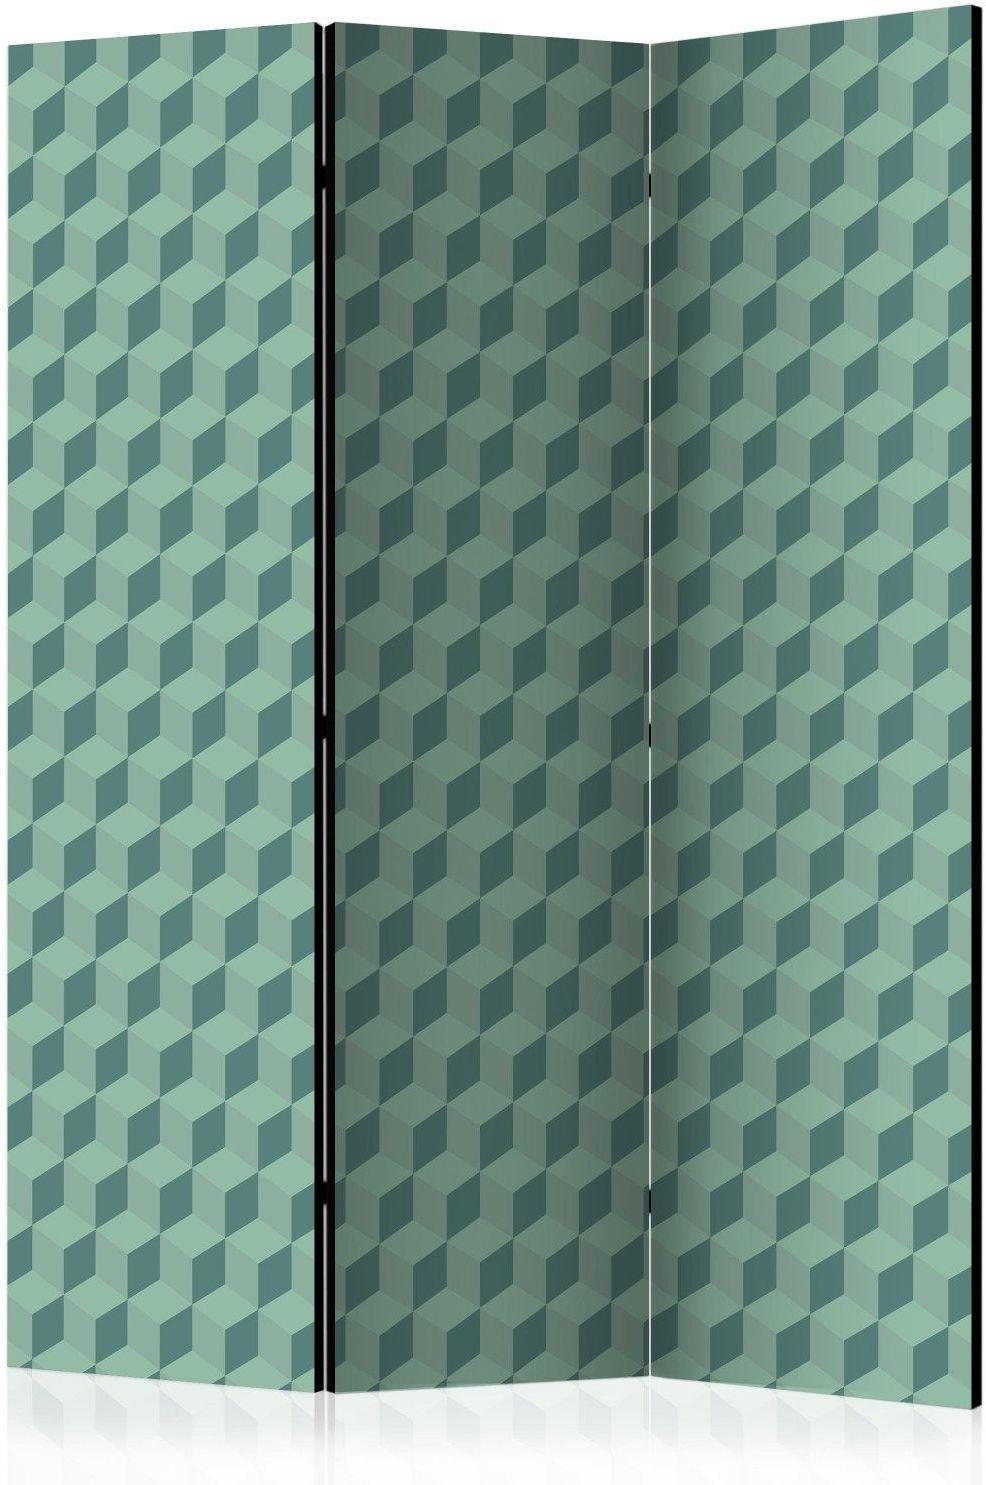 Parawan 3-częściowy - monochromatyczne kostki [room dividers]